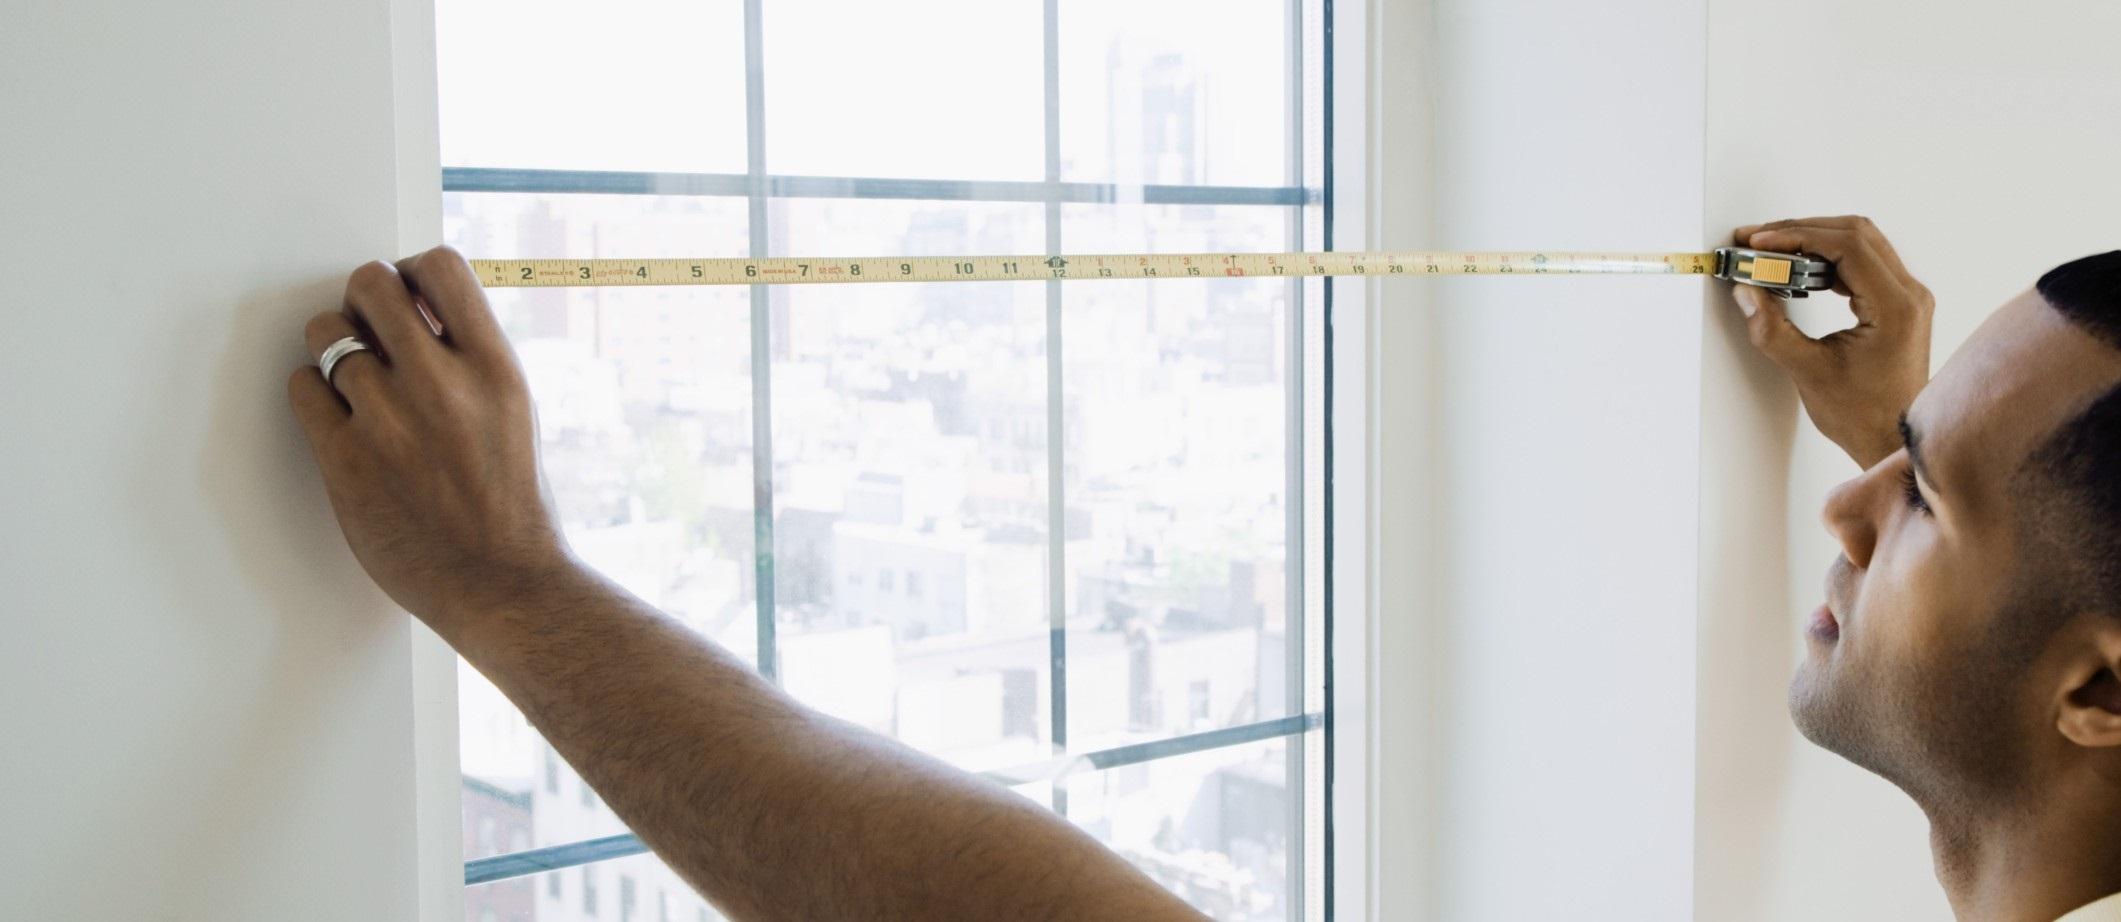 измерение окна для тюля